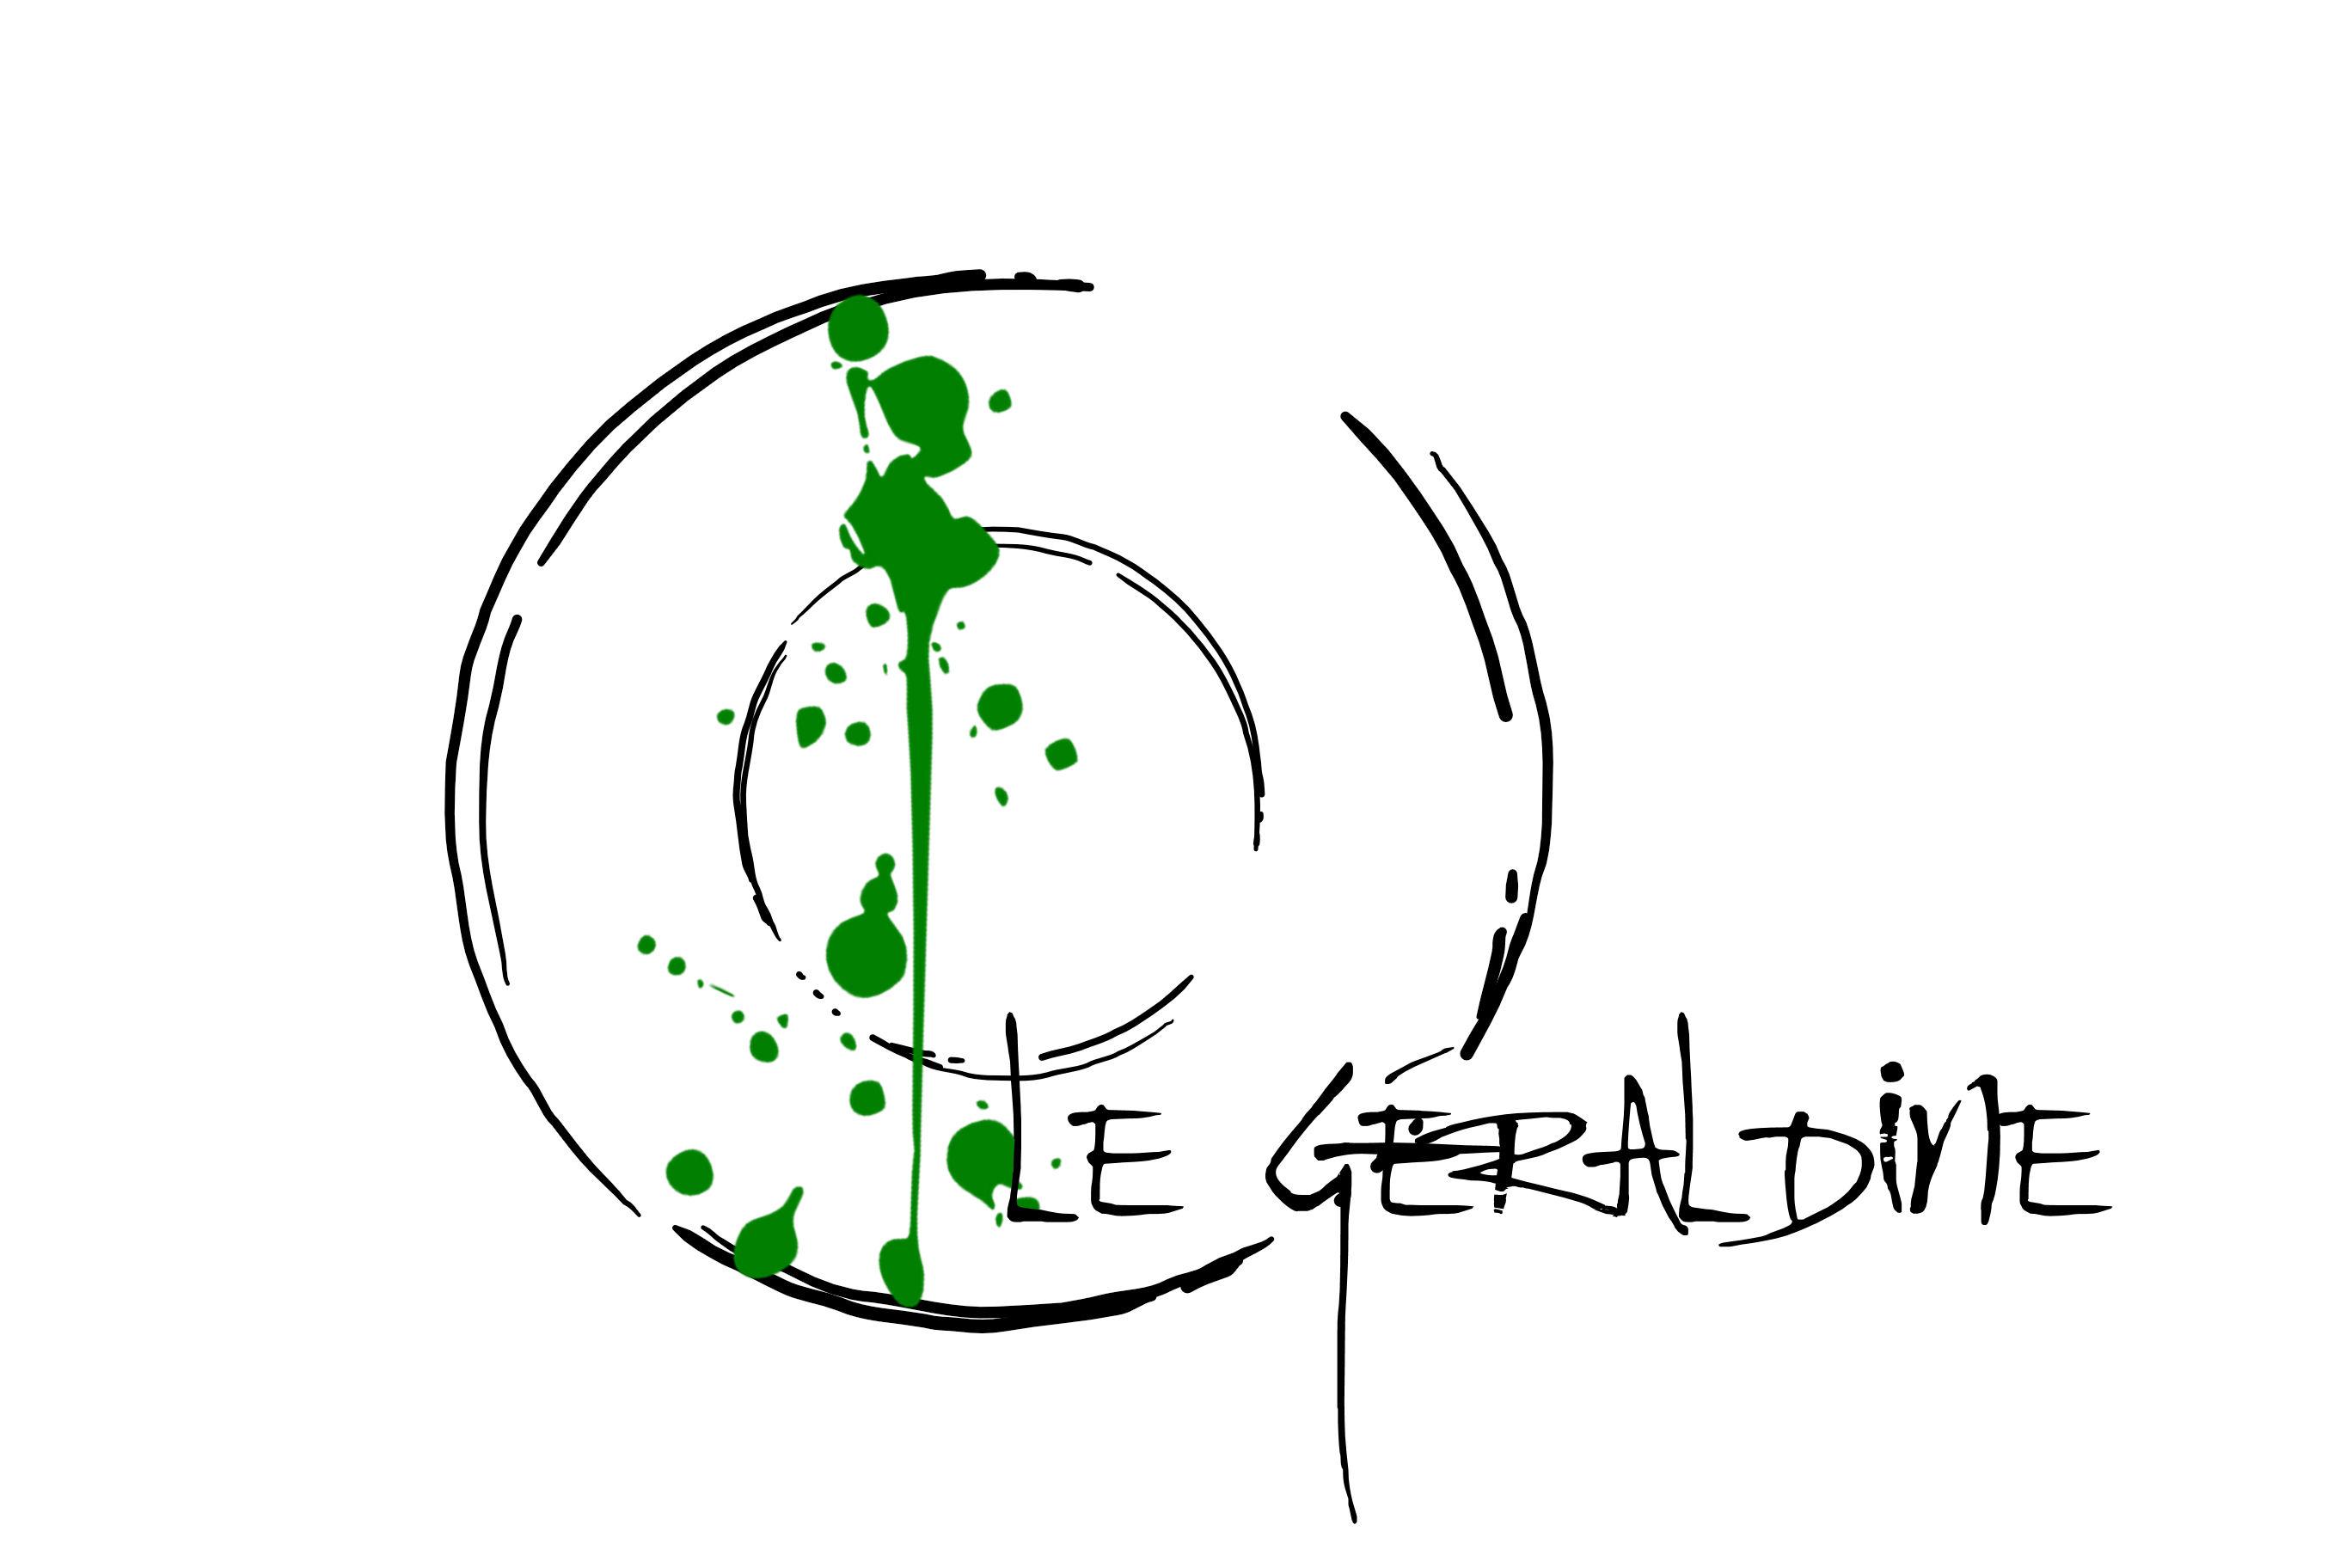 Le Geraldine